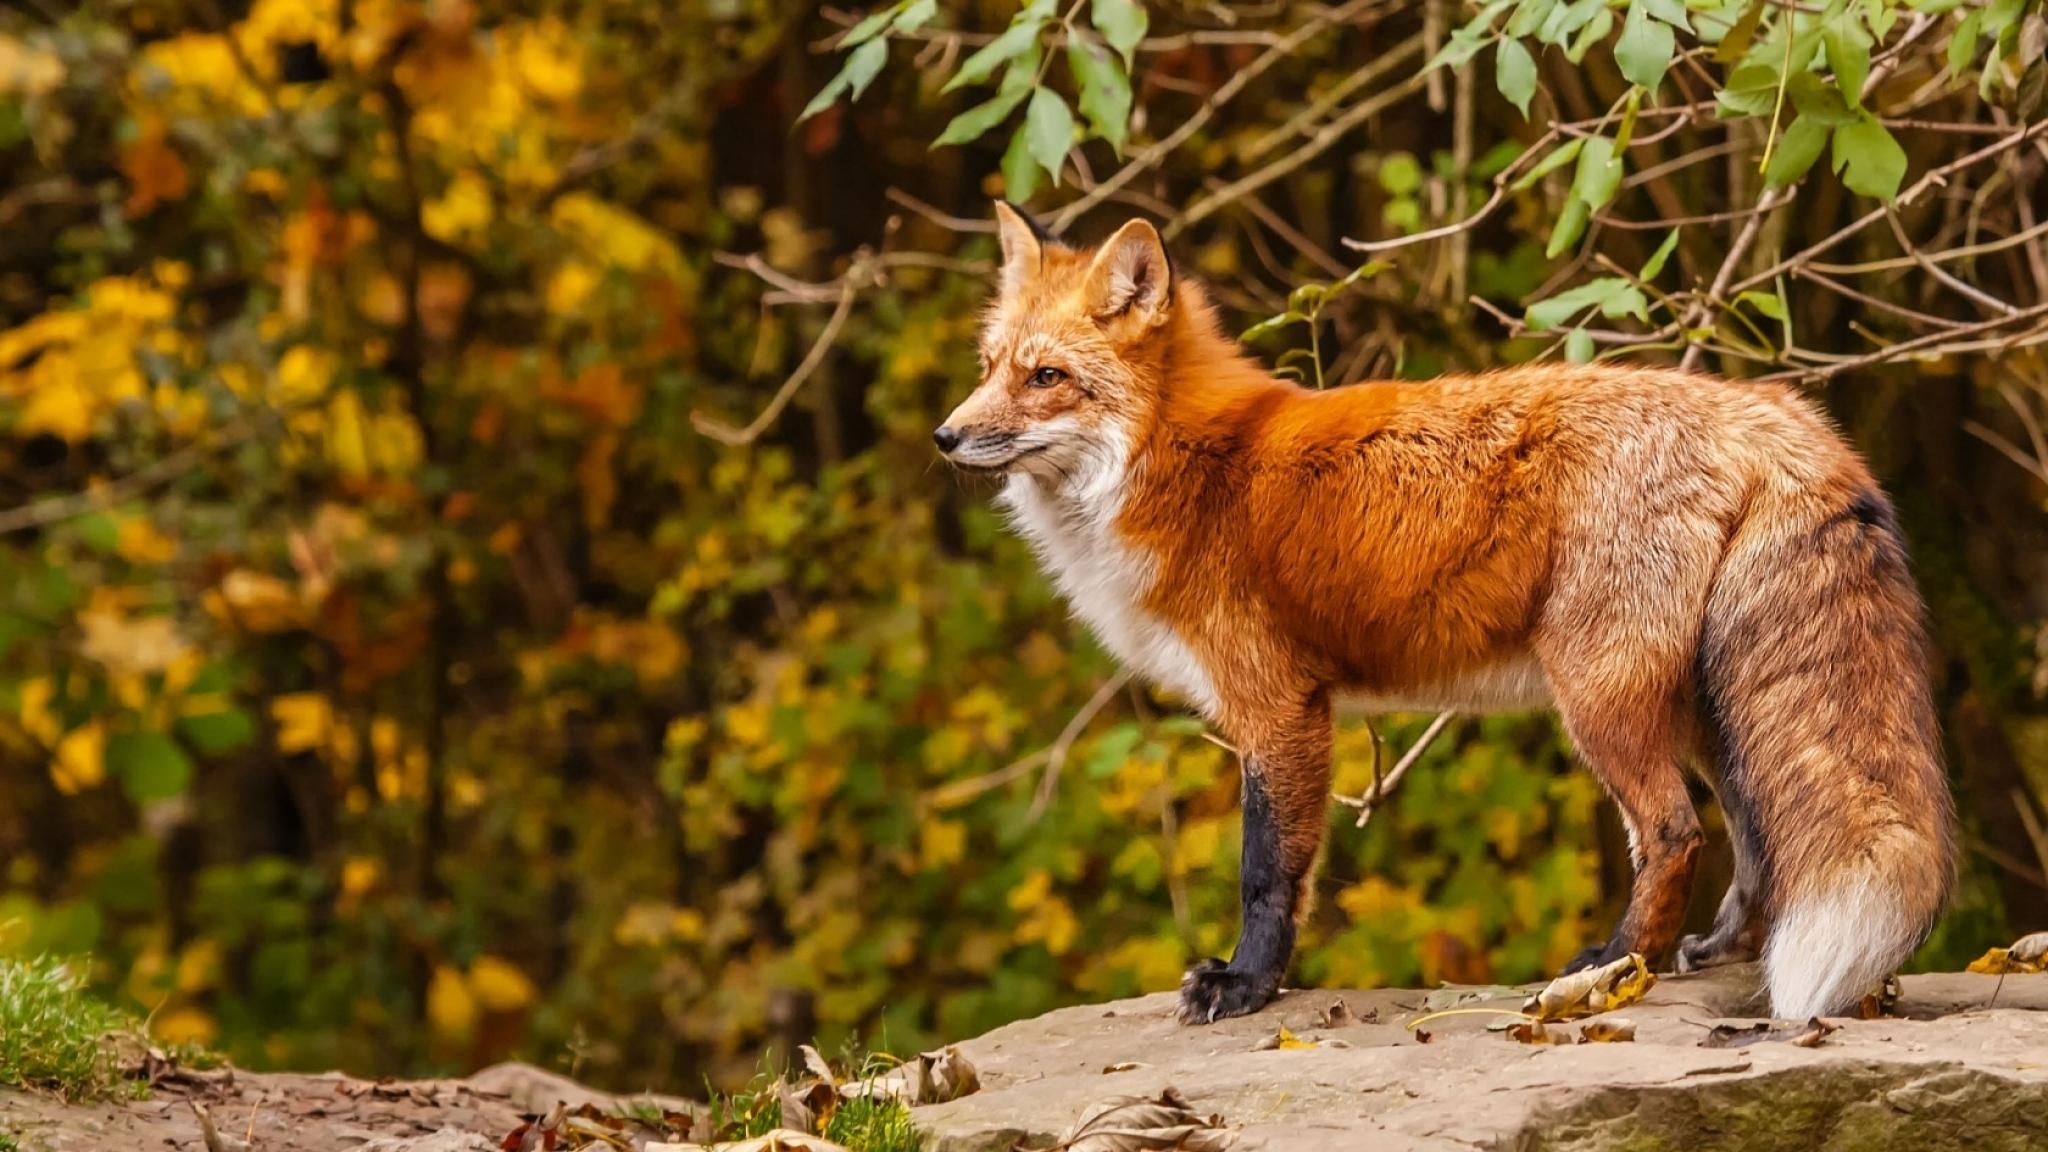 red fox desktop wallpaper 08062 - baltana